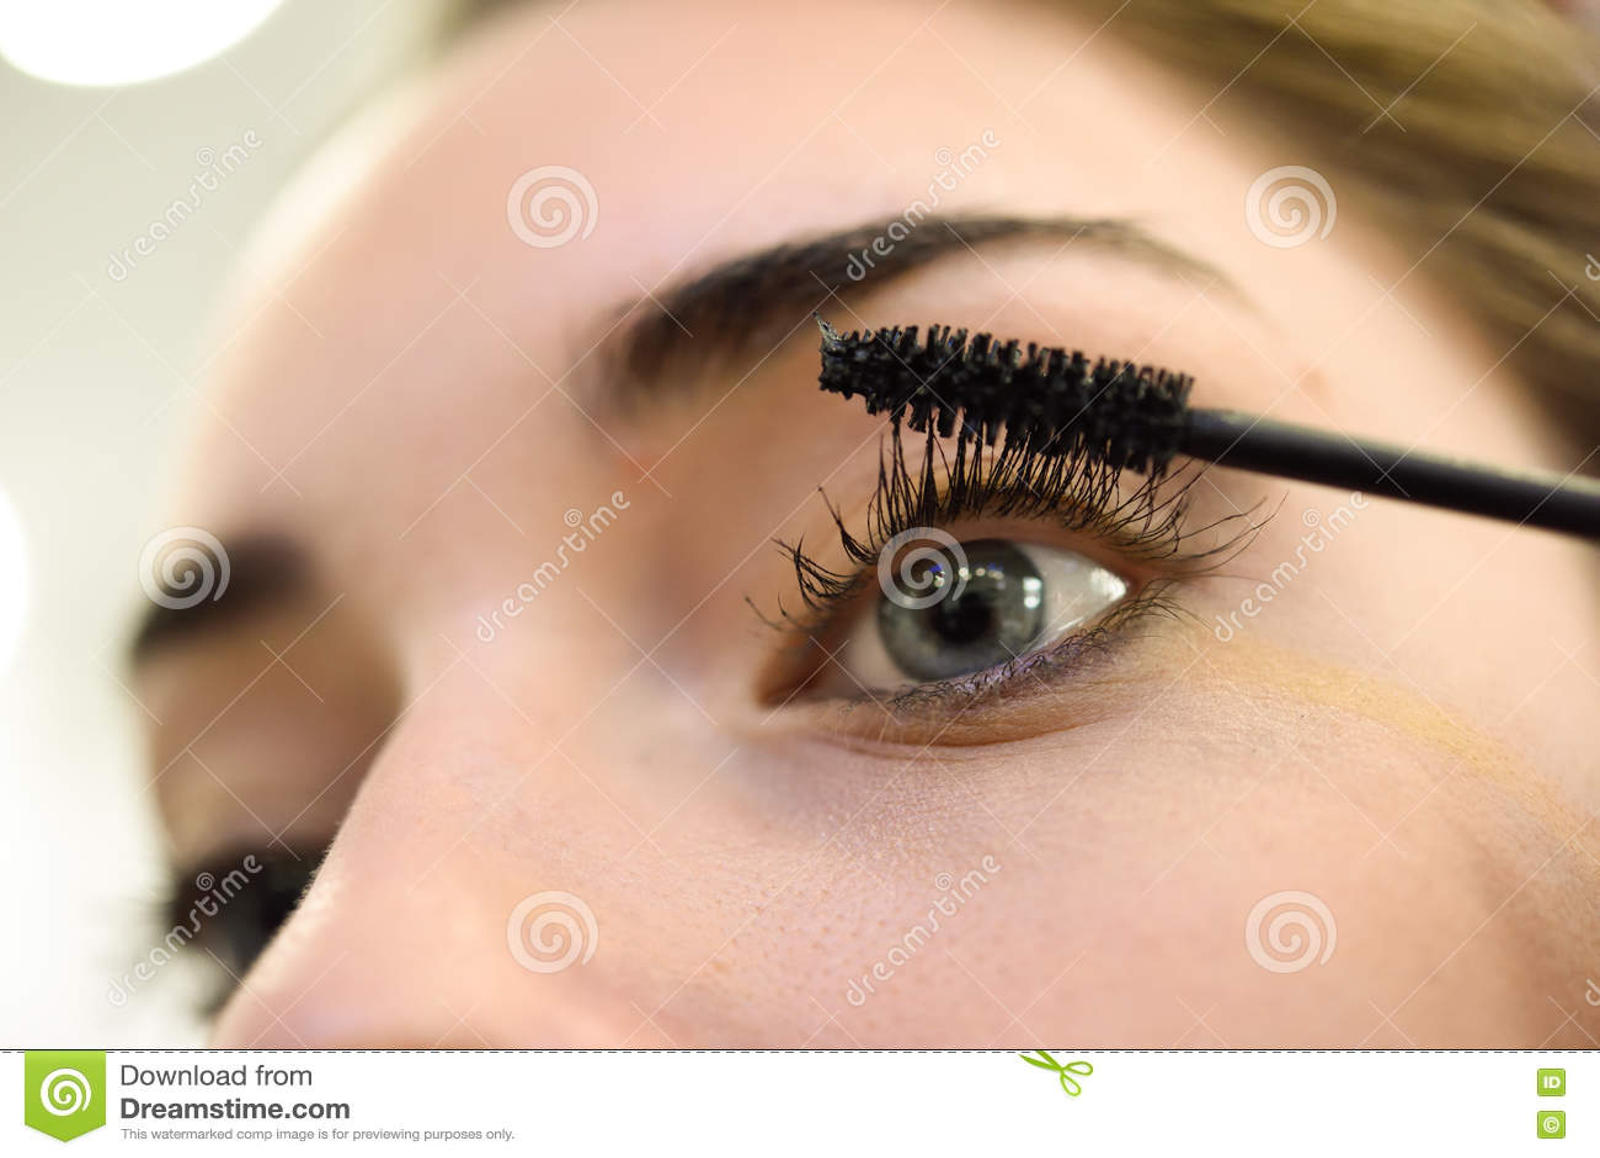 Make Up Anwenden Der Wimperntusche Lange Wimpern Und Blaue Augen